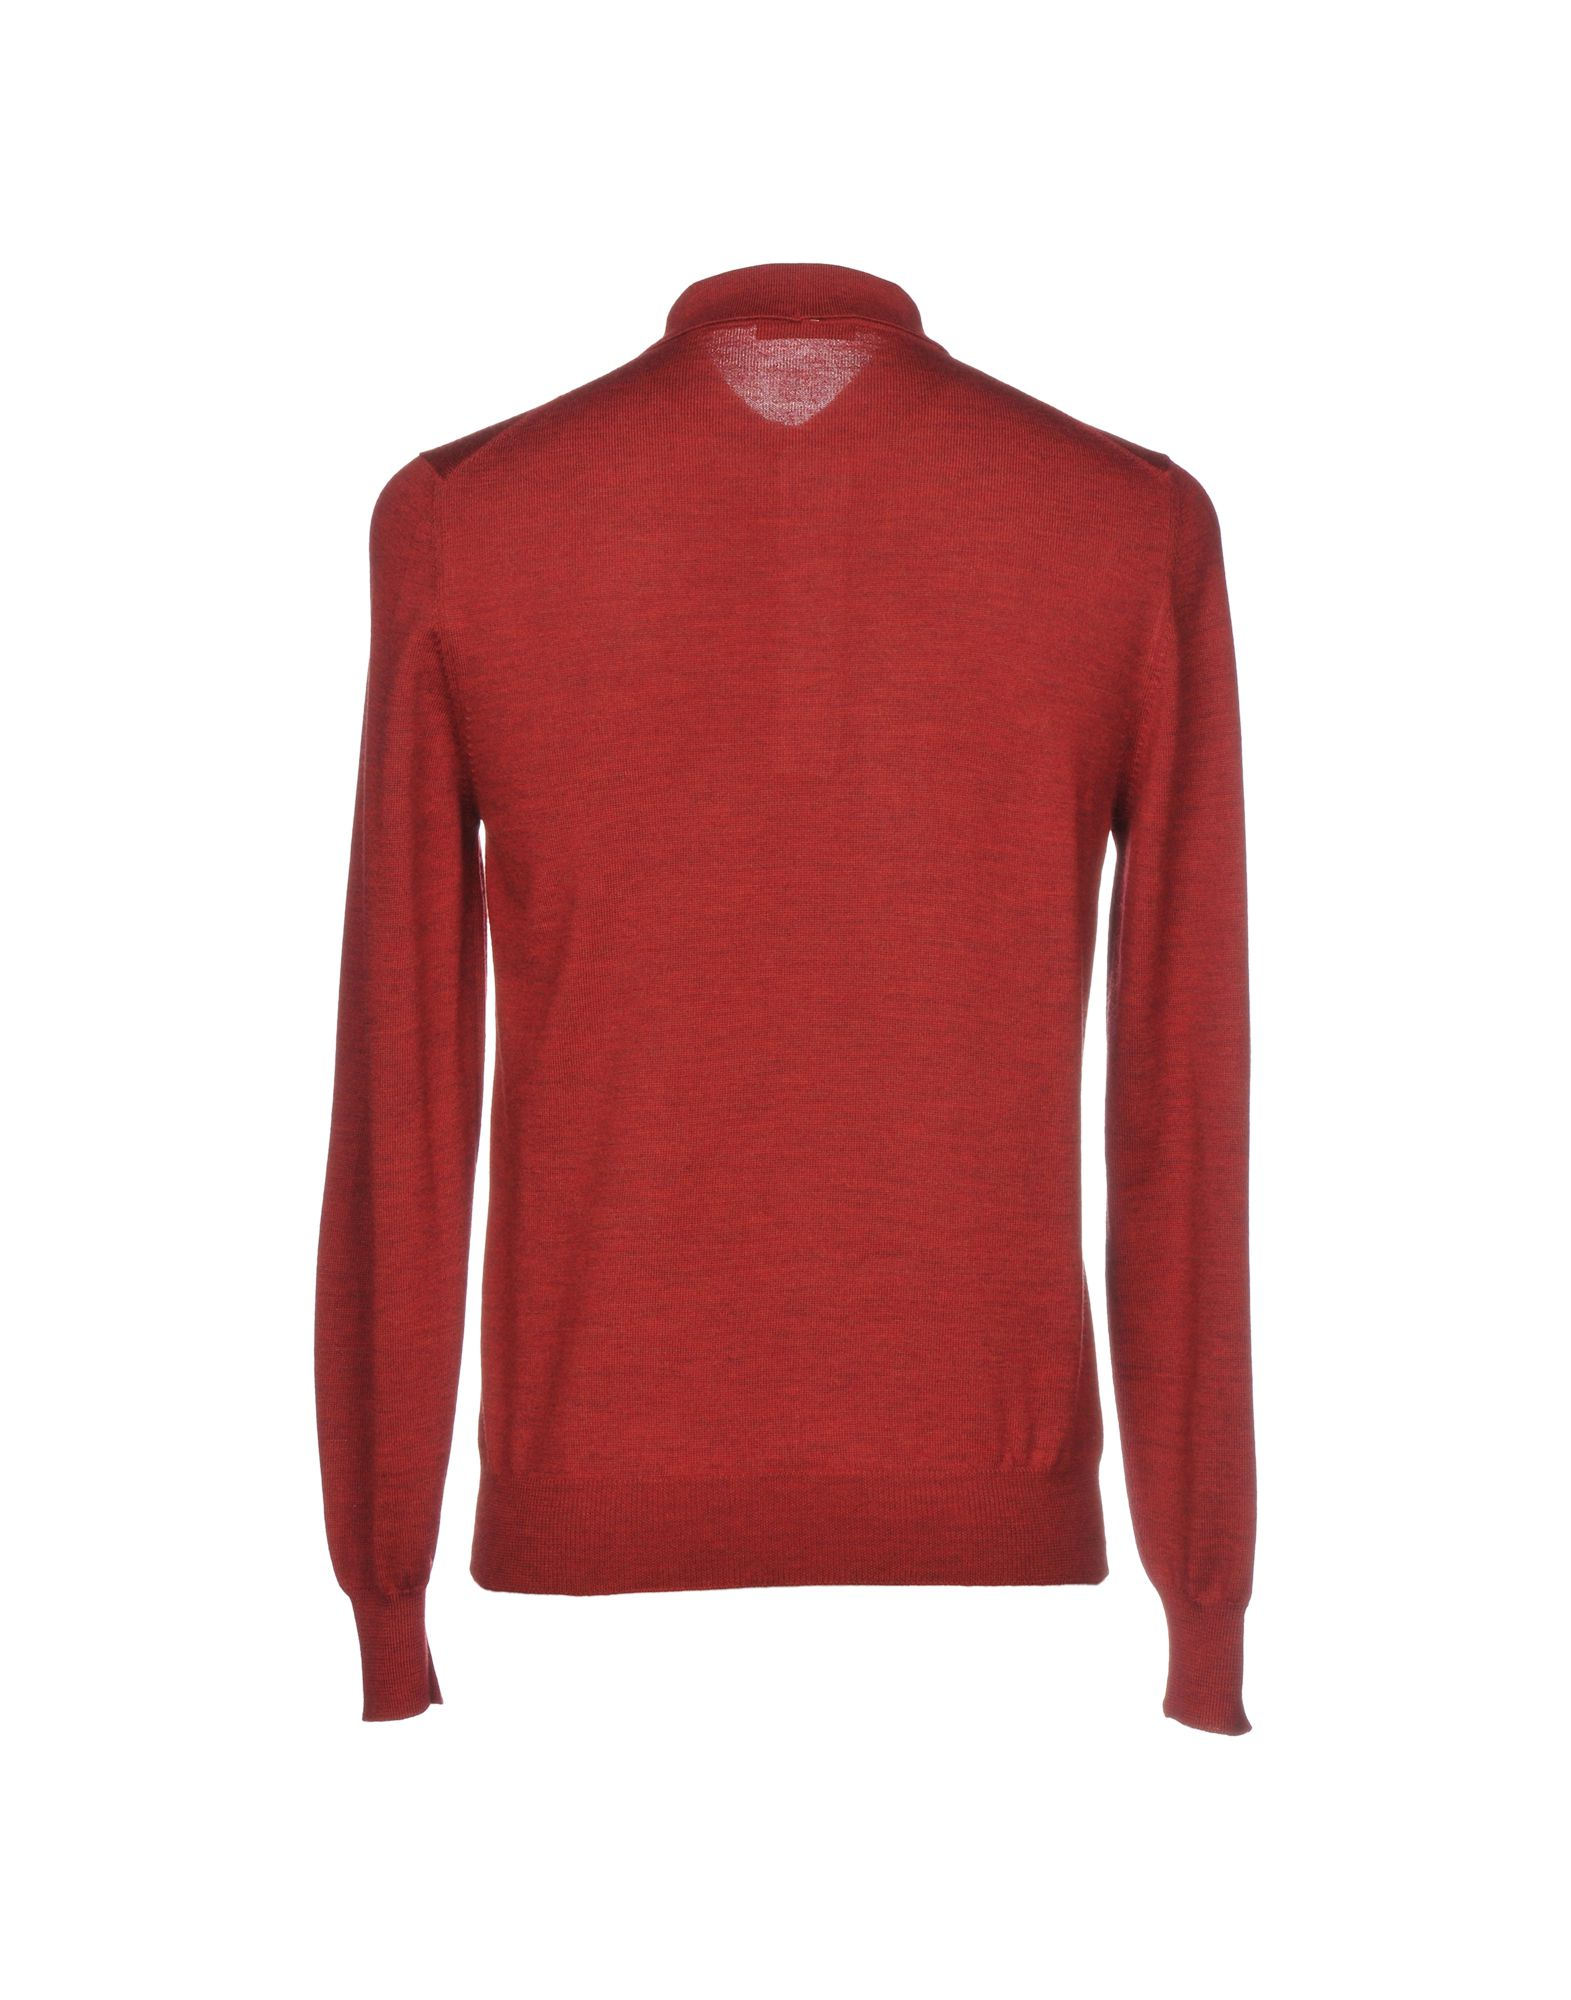 Pullover Pullover Pullover Gran Sasso Uomo - 39845319PV afdd28